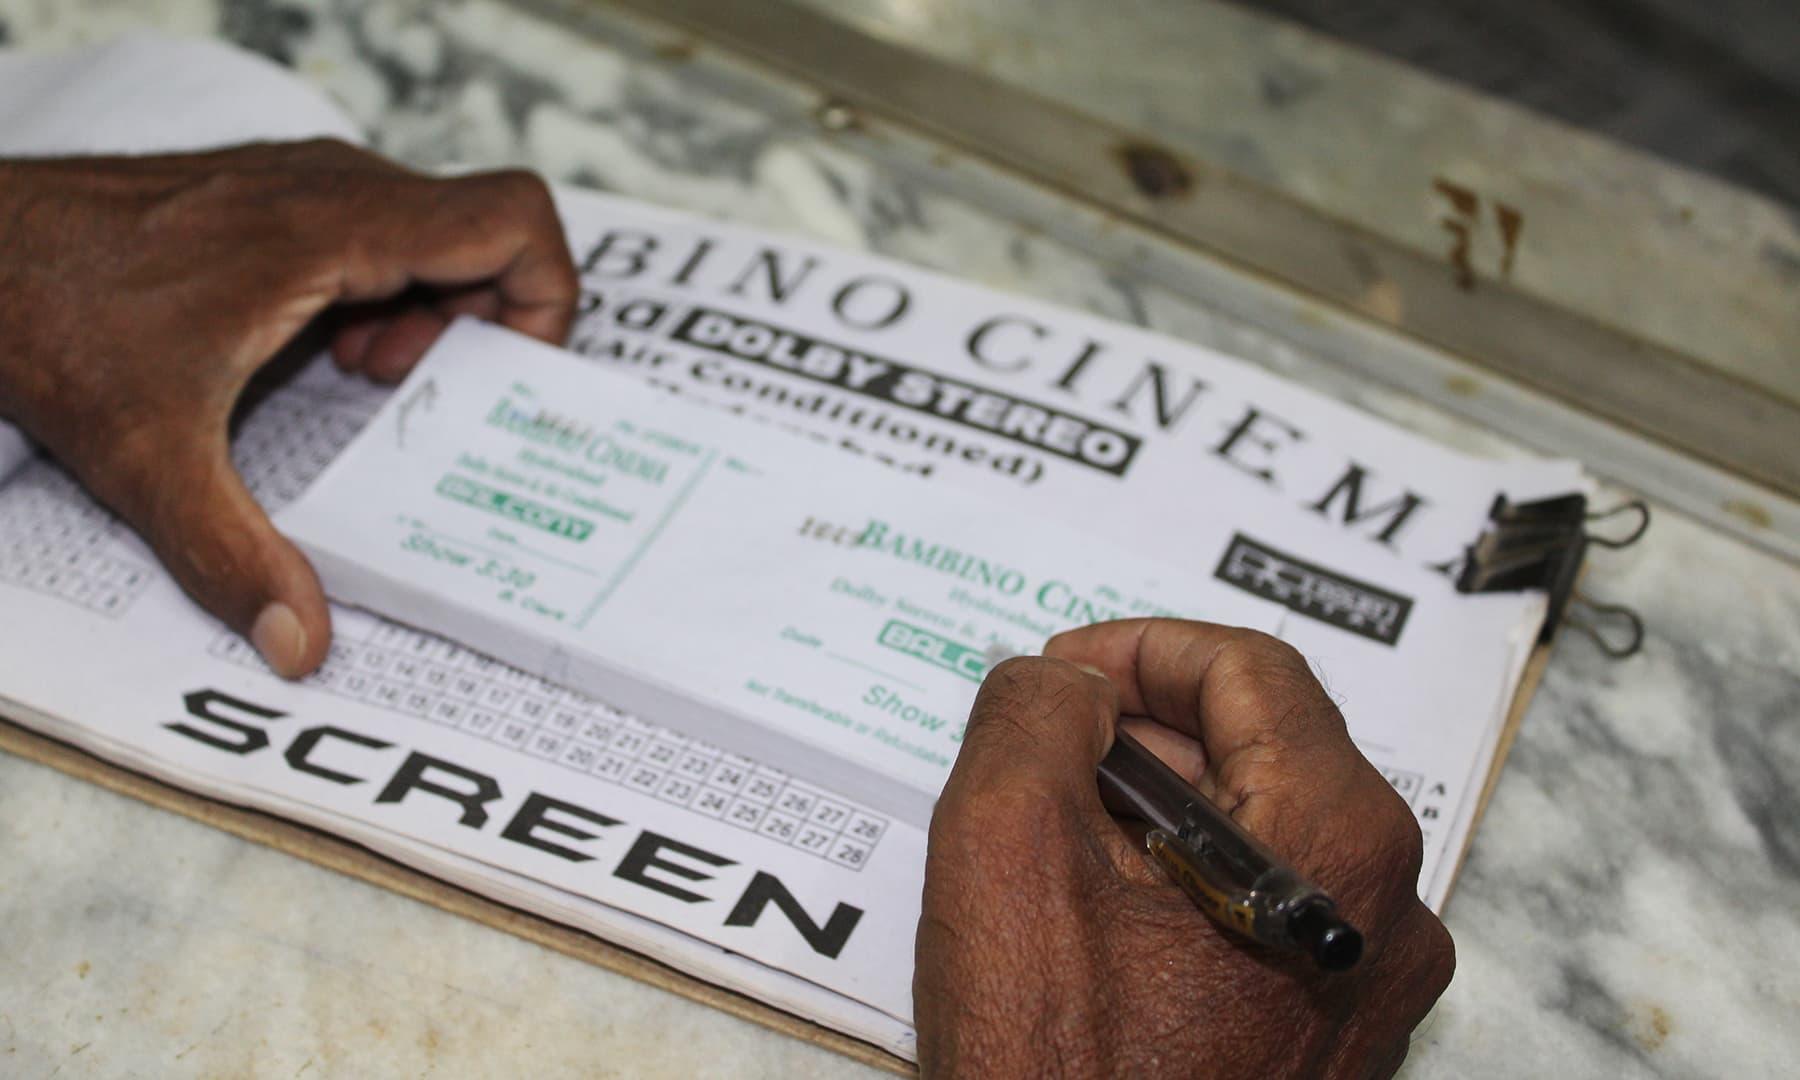 جب سنیما شروع ہوا تو 10 روپے کا ٹکٹ تھا مگر فلم کے ایسے بھی دیوانے تھے جو 100 روپے میں بھی ٹکٹ خرید کرتے تھے—تصویر اختر حفیظ